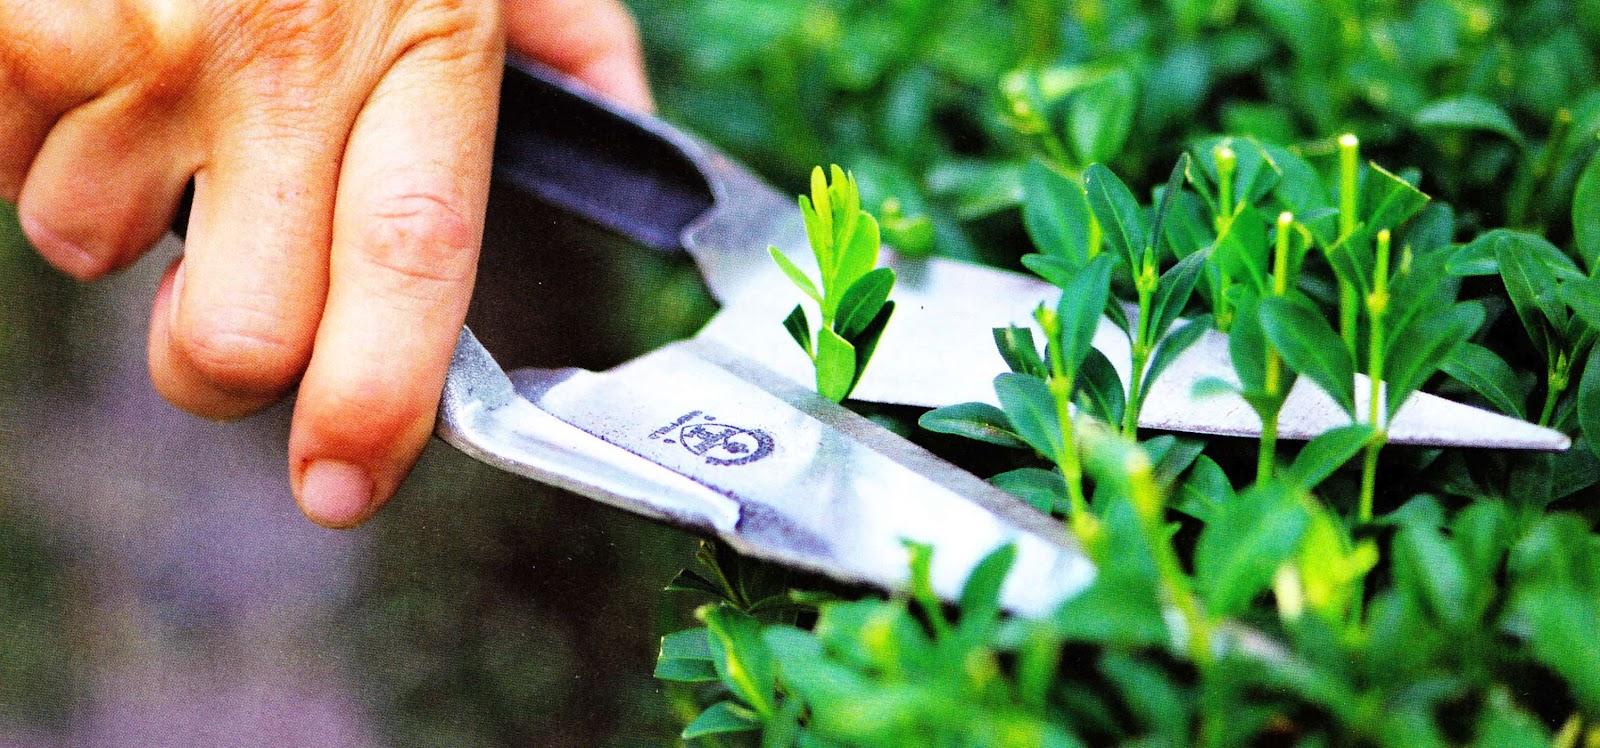 Садовые ножницы для живой изгороди, бордюрные